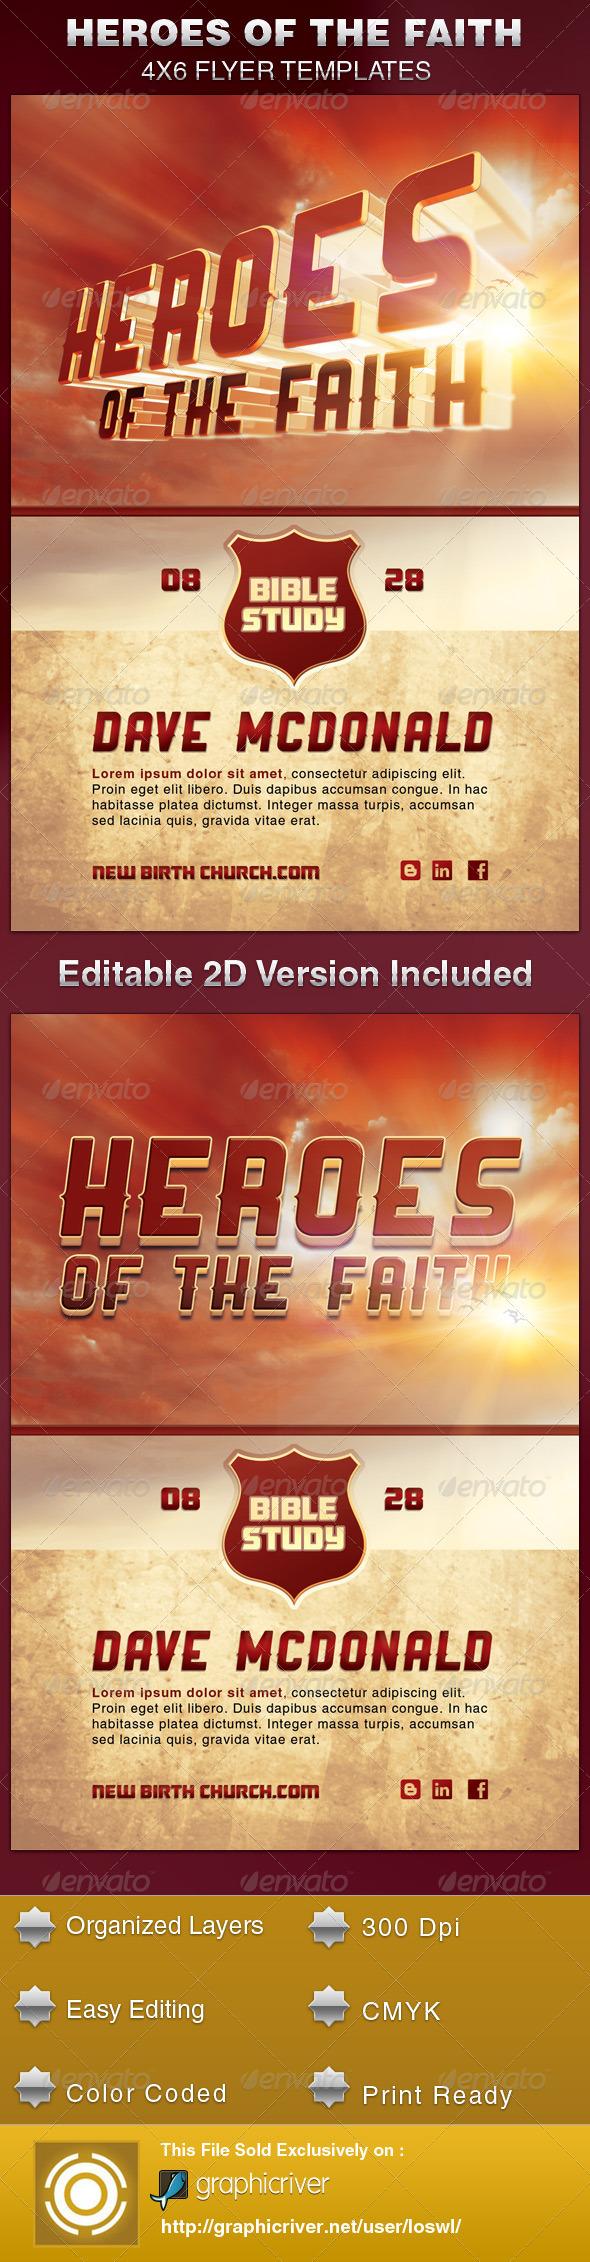 Heroes of the Faith Church Flyer Template - Church Flyers